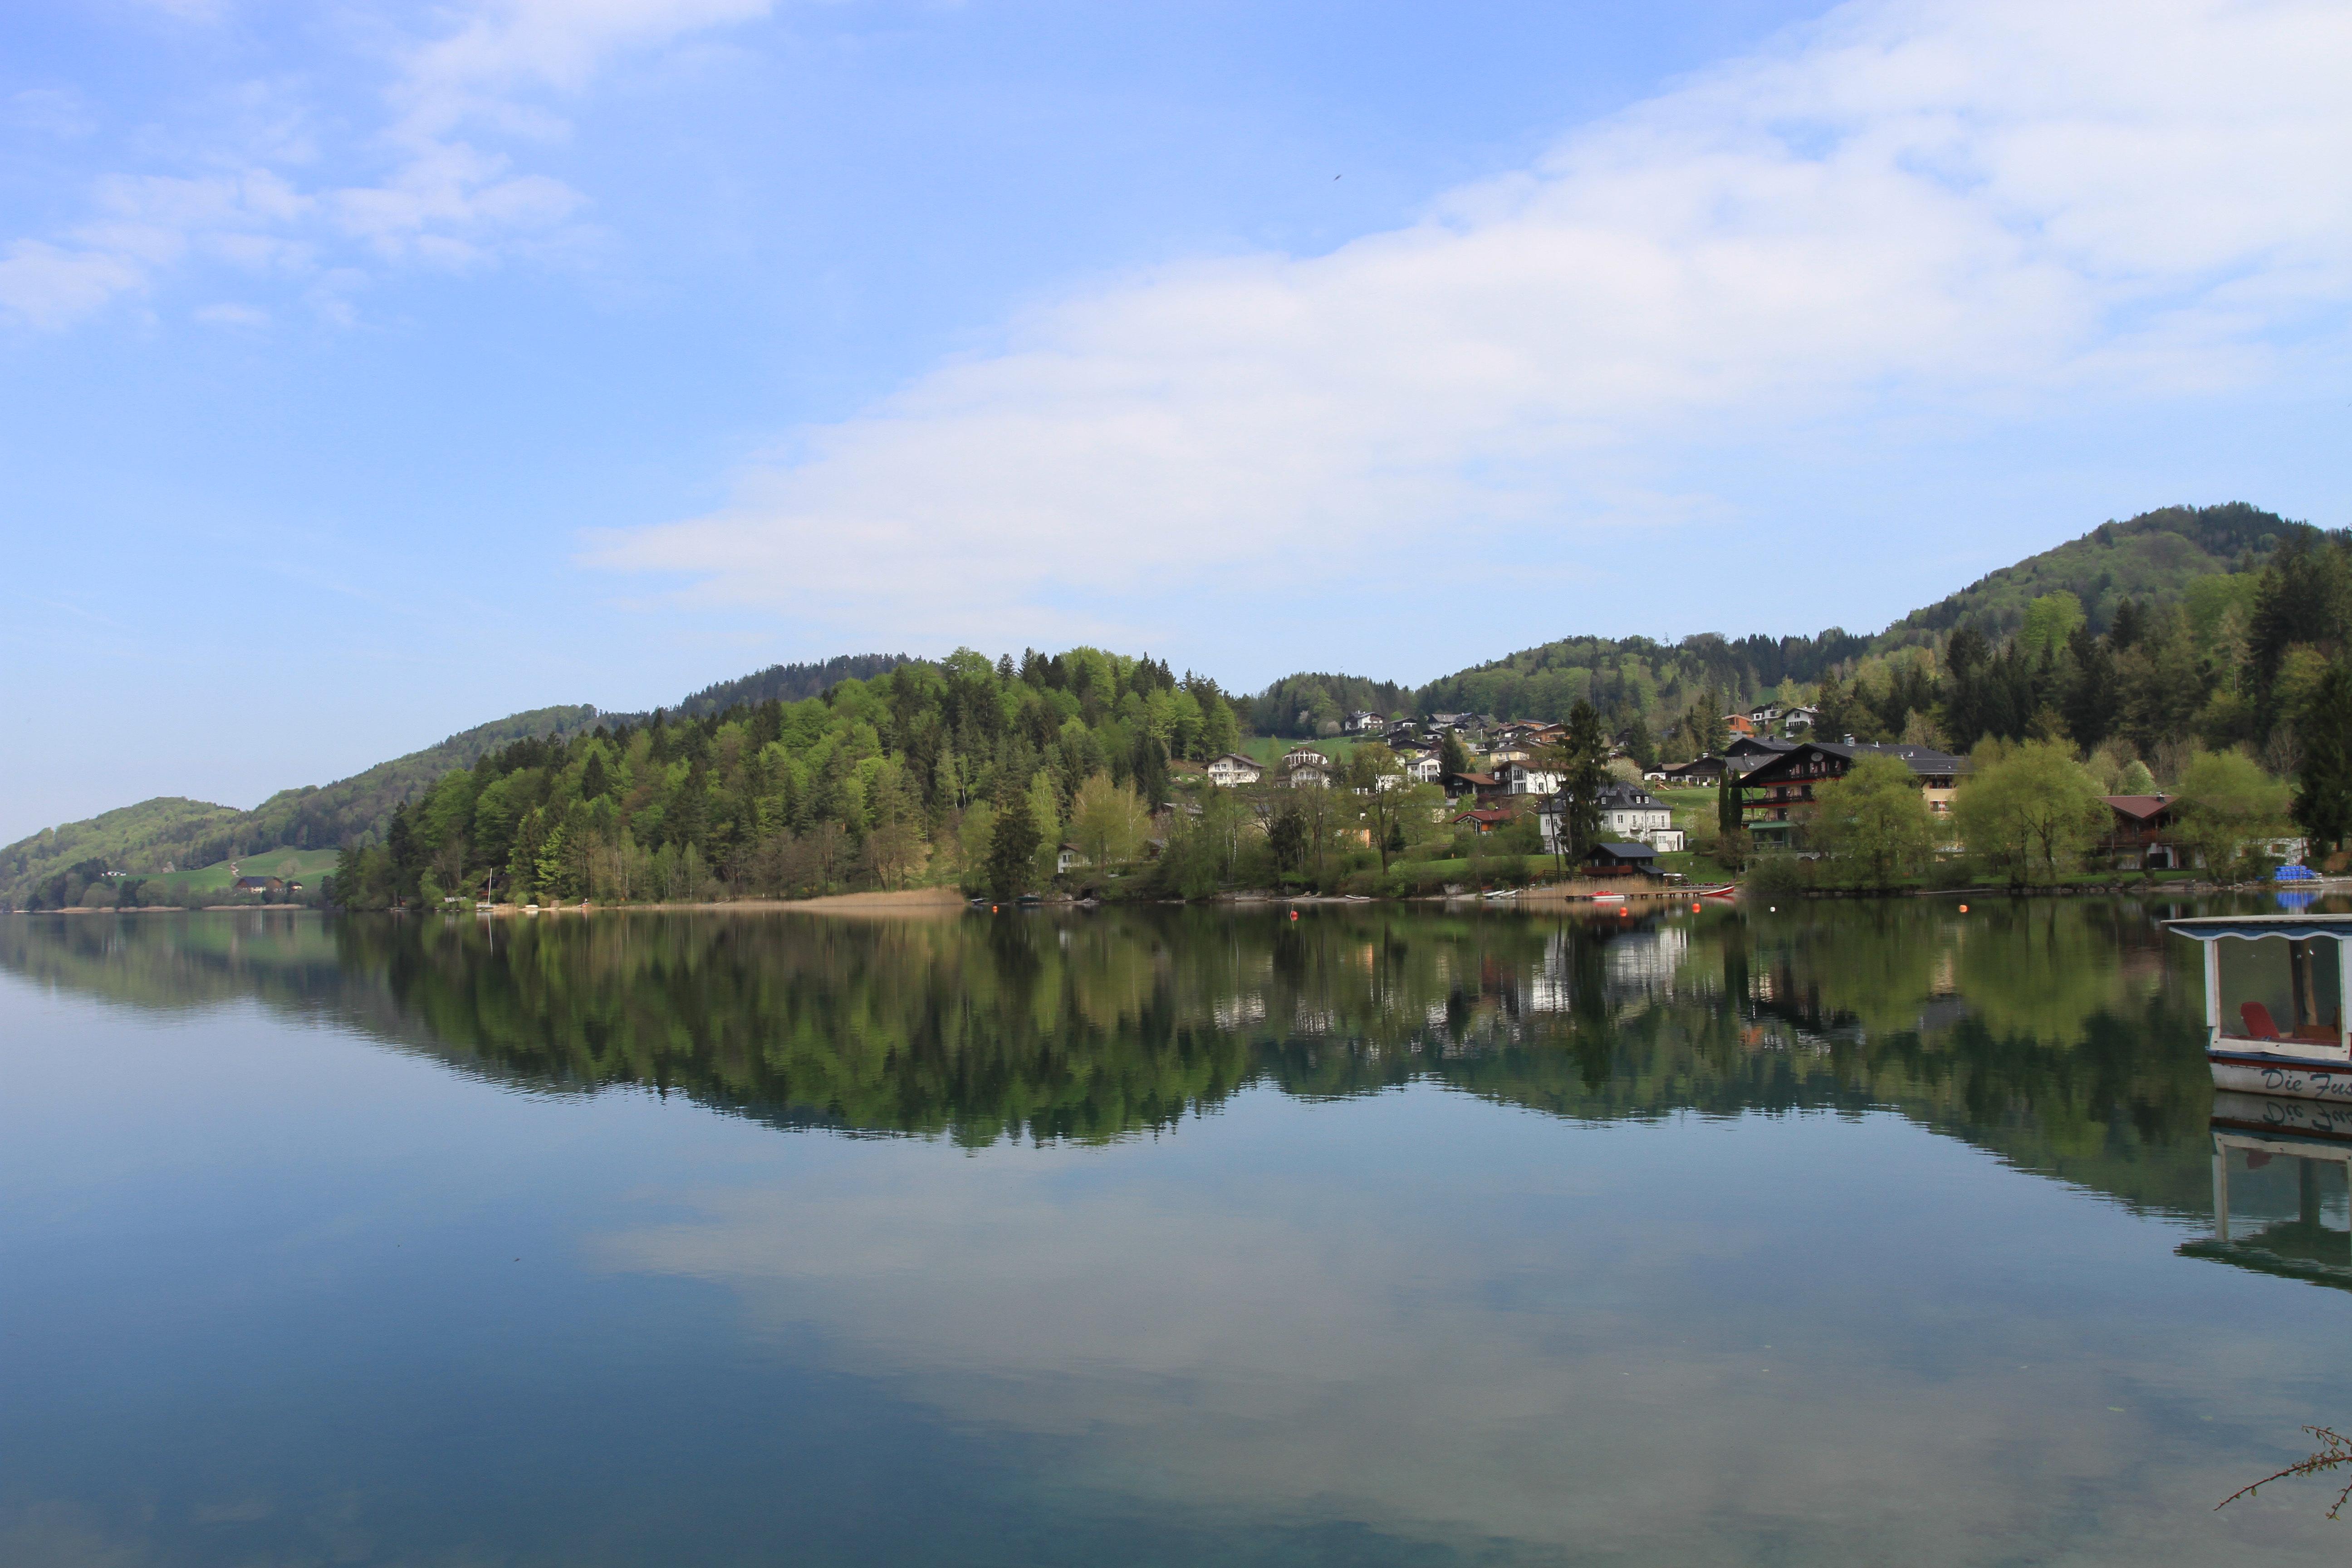 湖_捷,奥,匈自在游之五--萨尔茨卡默古特湖区--湖光山色好风光